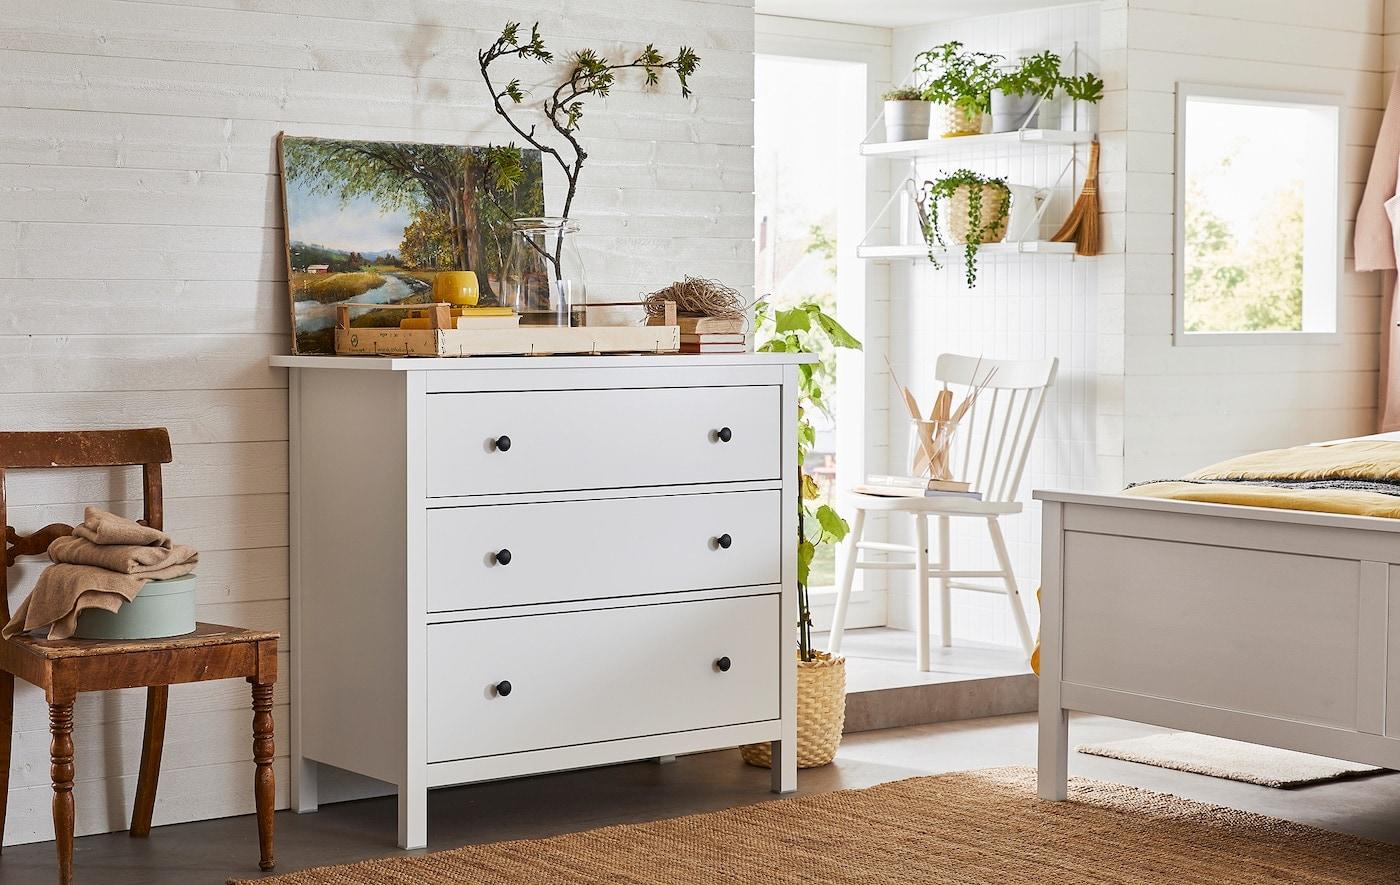 Une chambre bien aérée avec une prédominance d'articles en bois et de plantes vertes et une commode à trois tiroirs près de l'extrémité du lit.